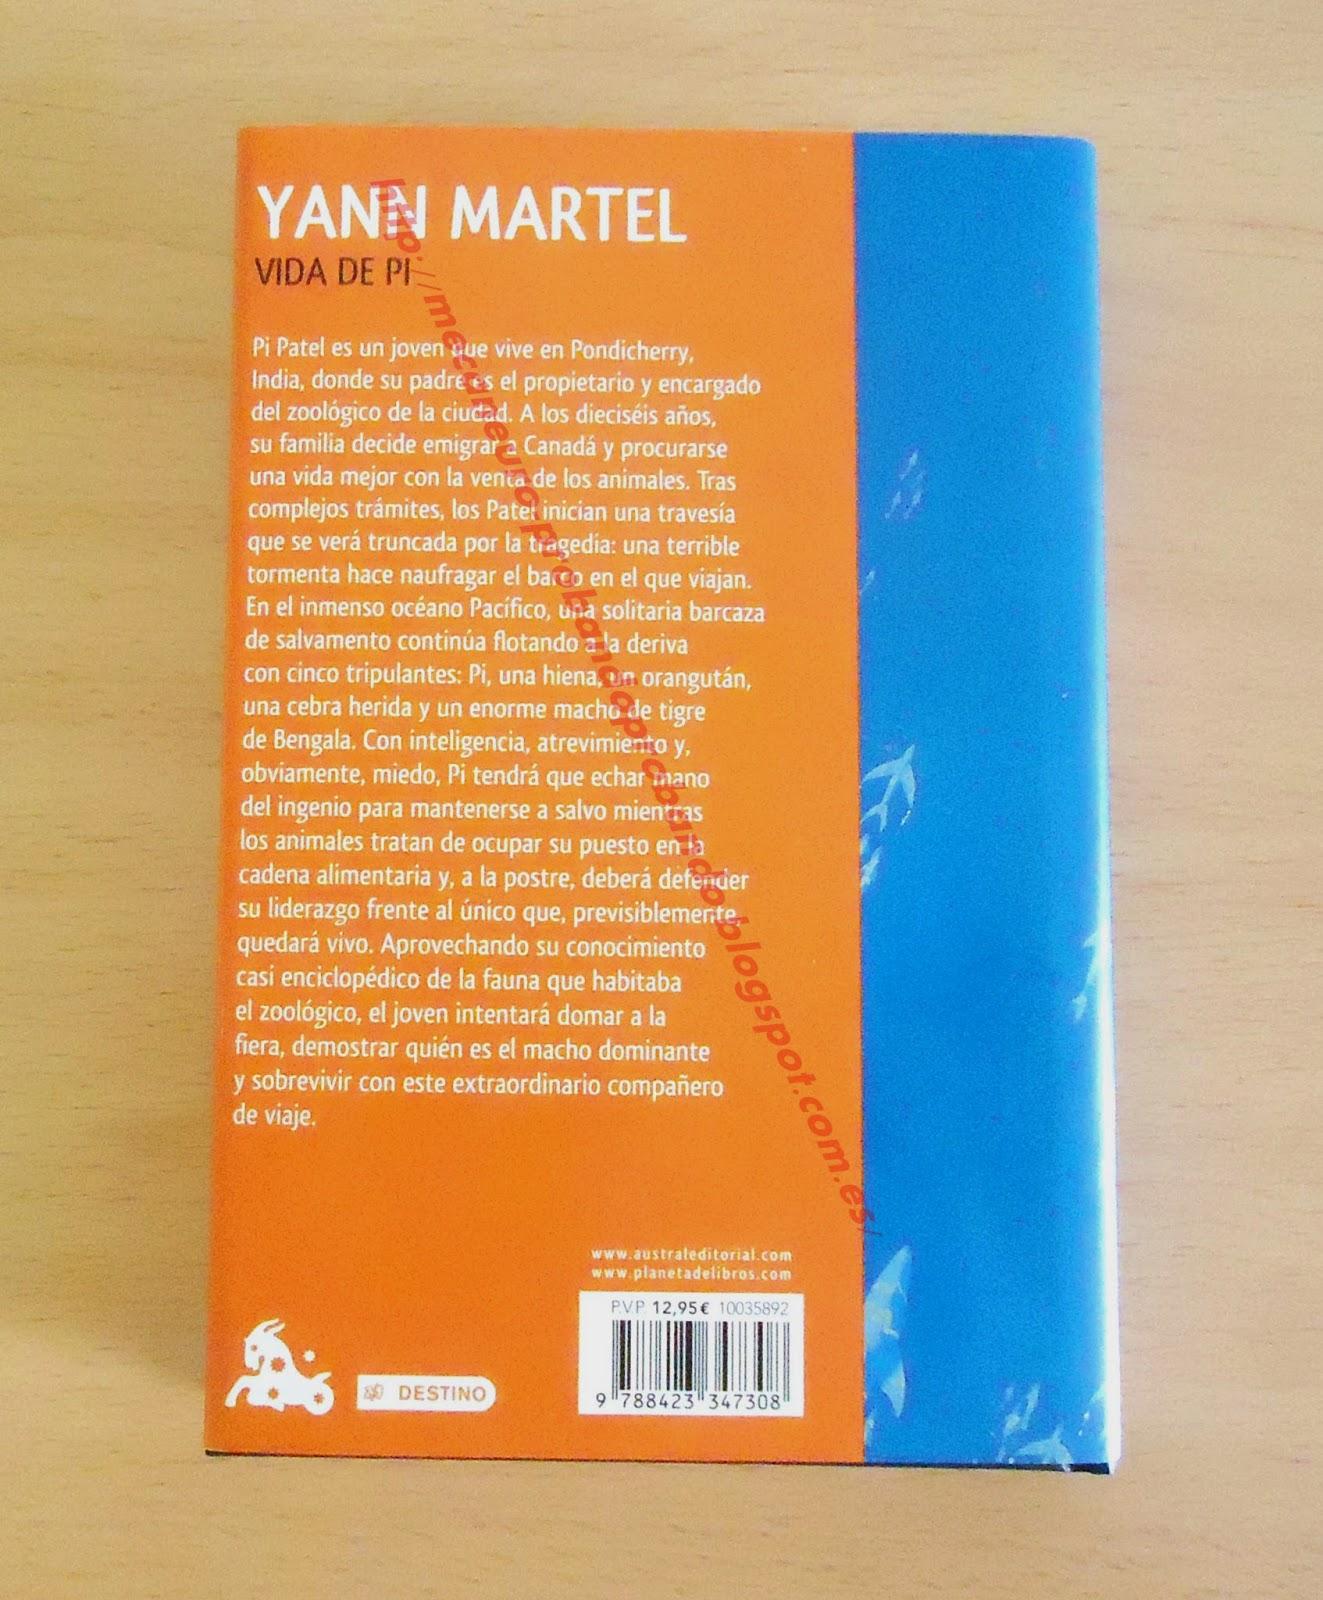 Vida de Pi, Yann Martel